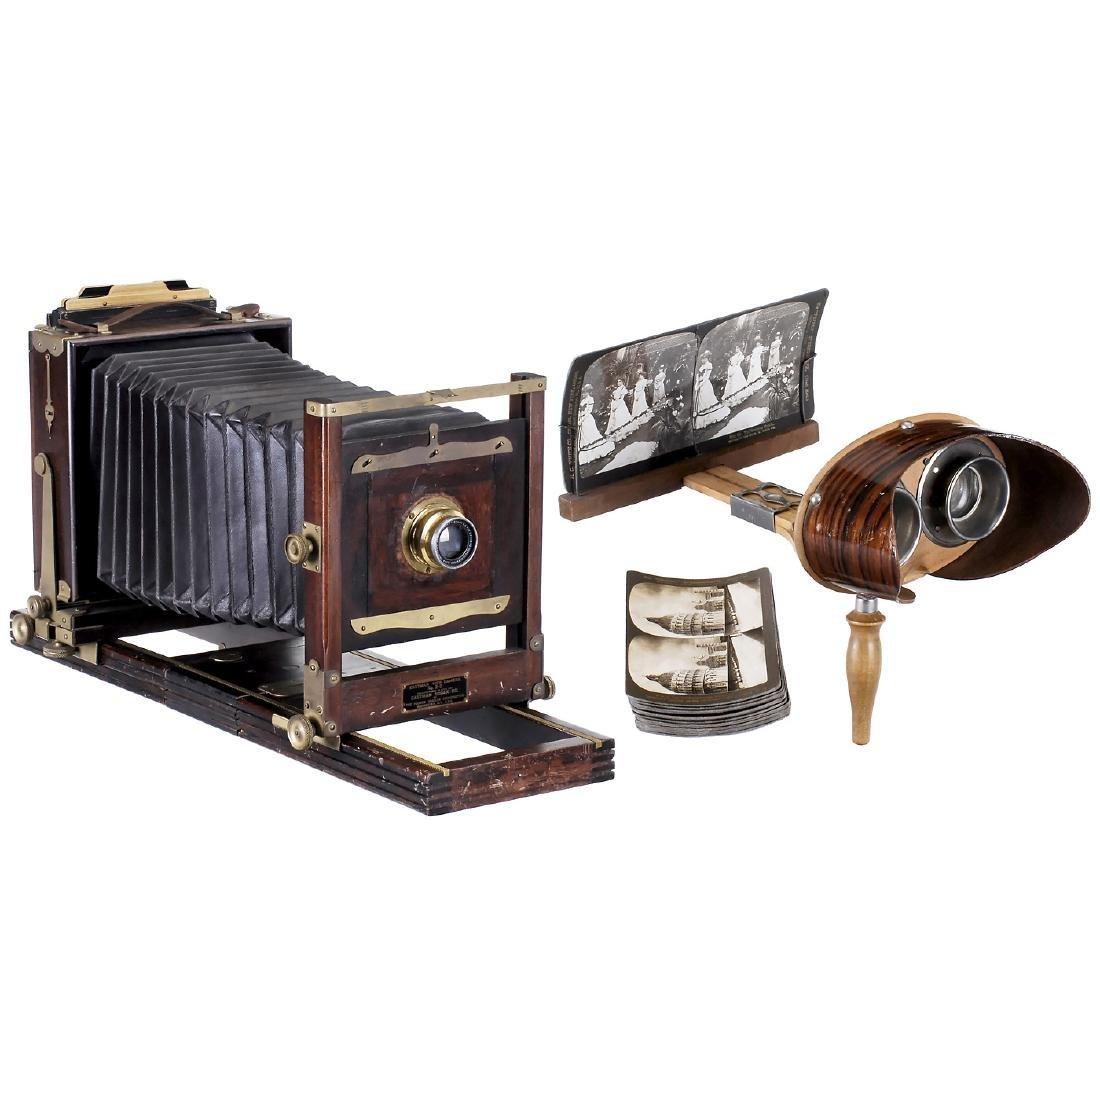 Eastman View Camera No. 2-D, c. 1910